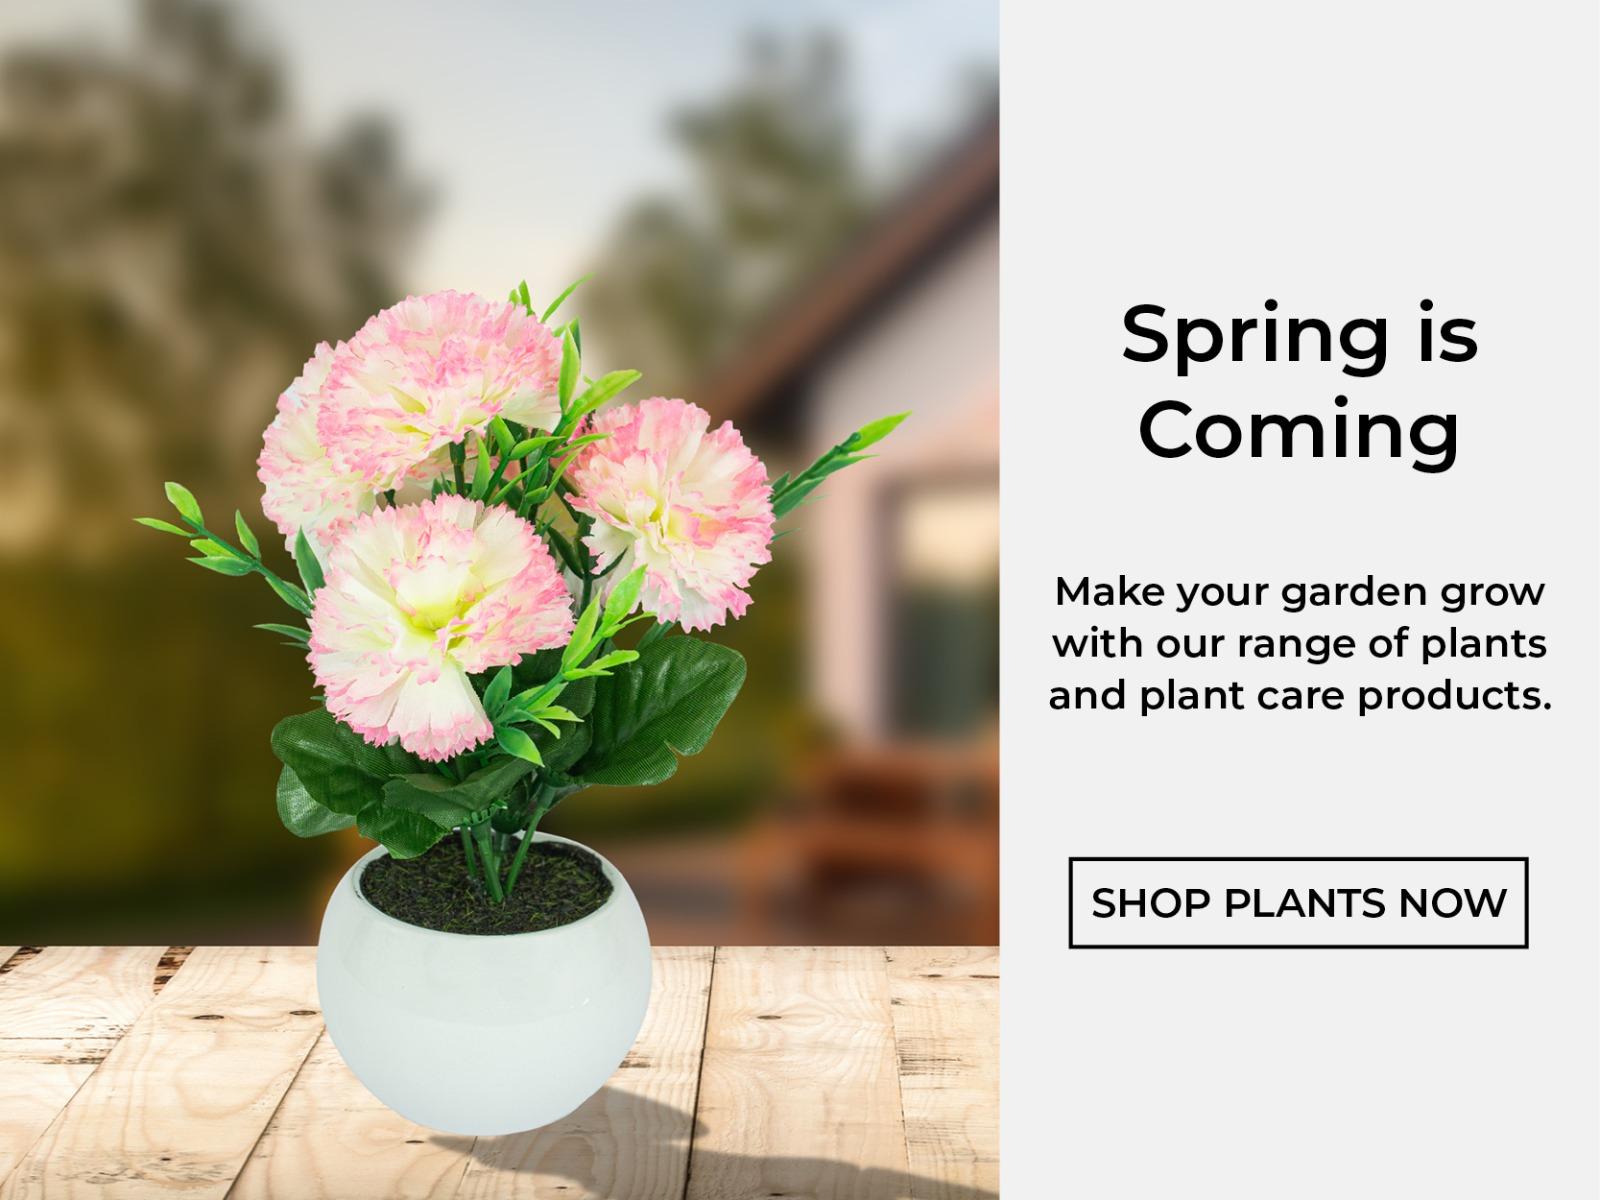 Shop Plants Now